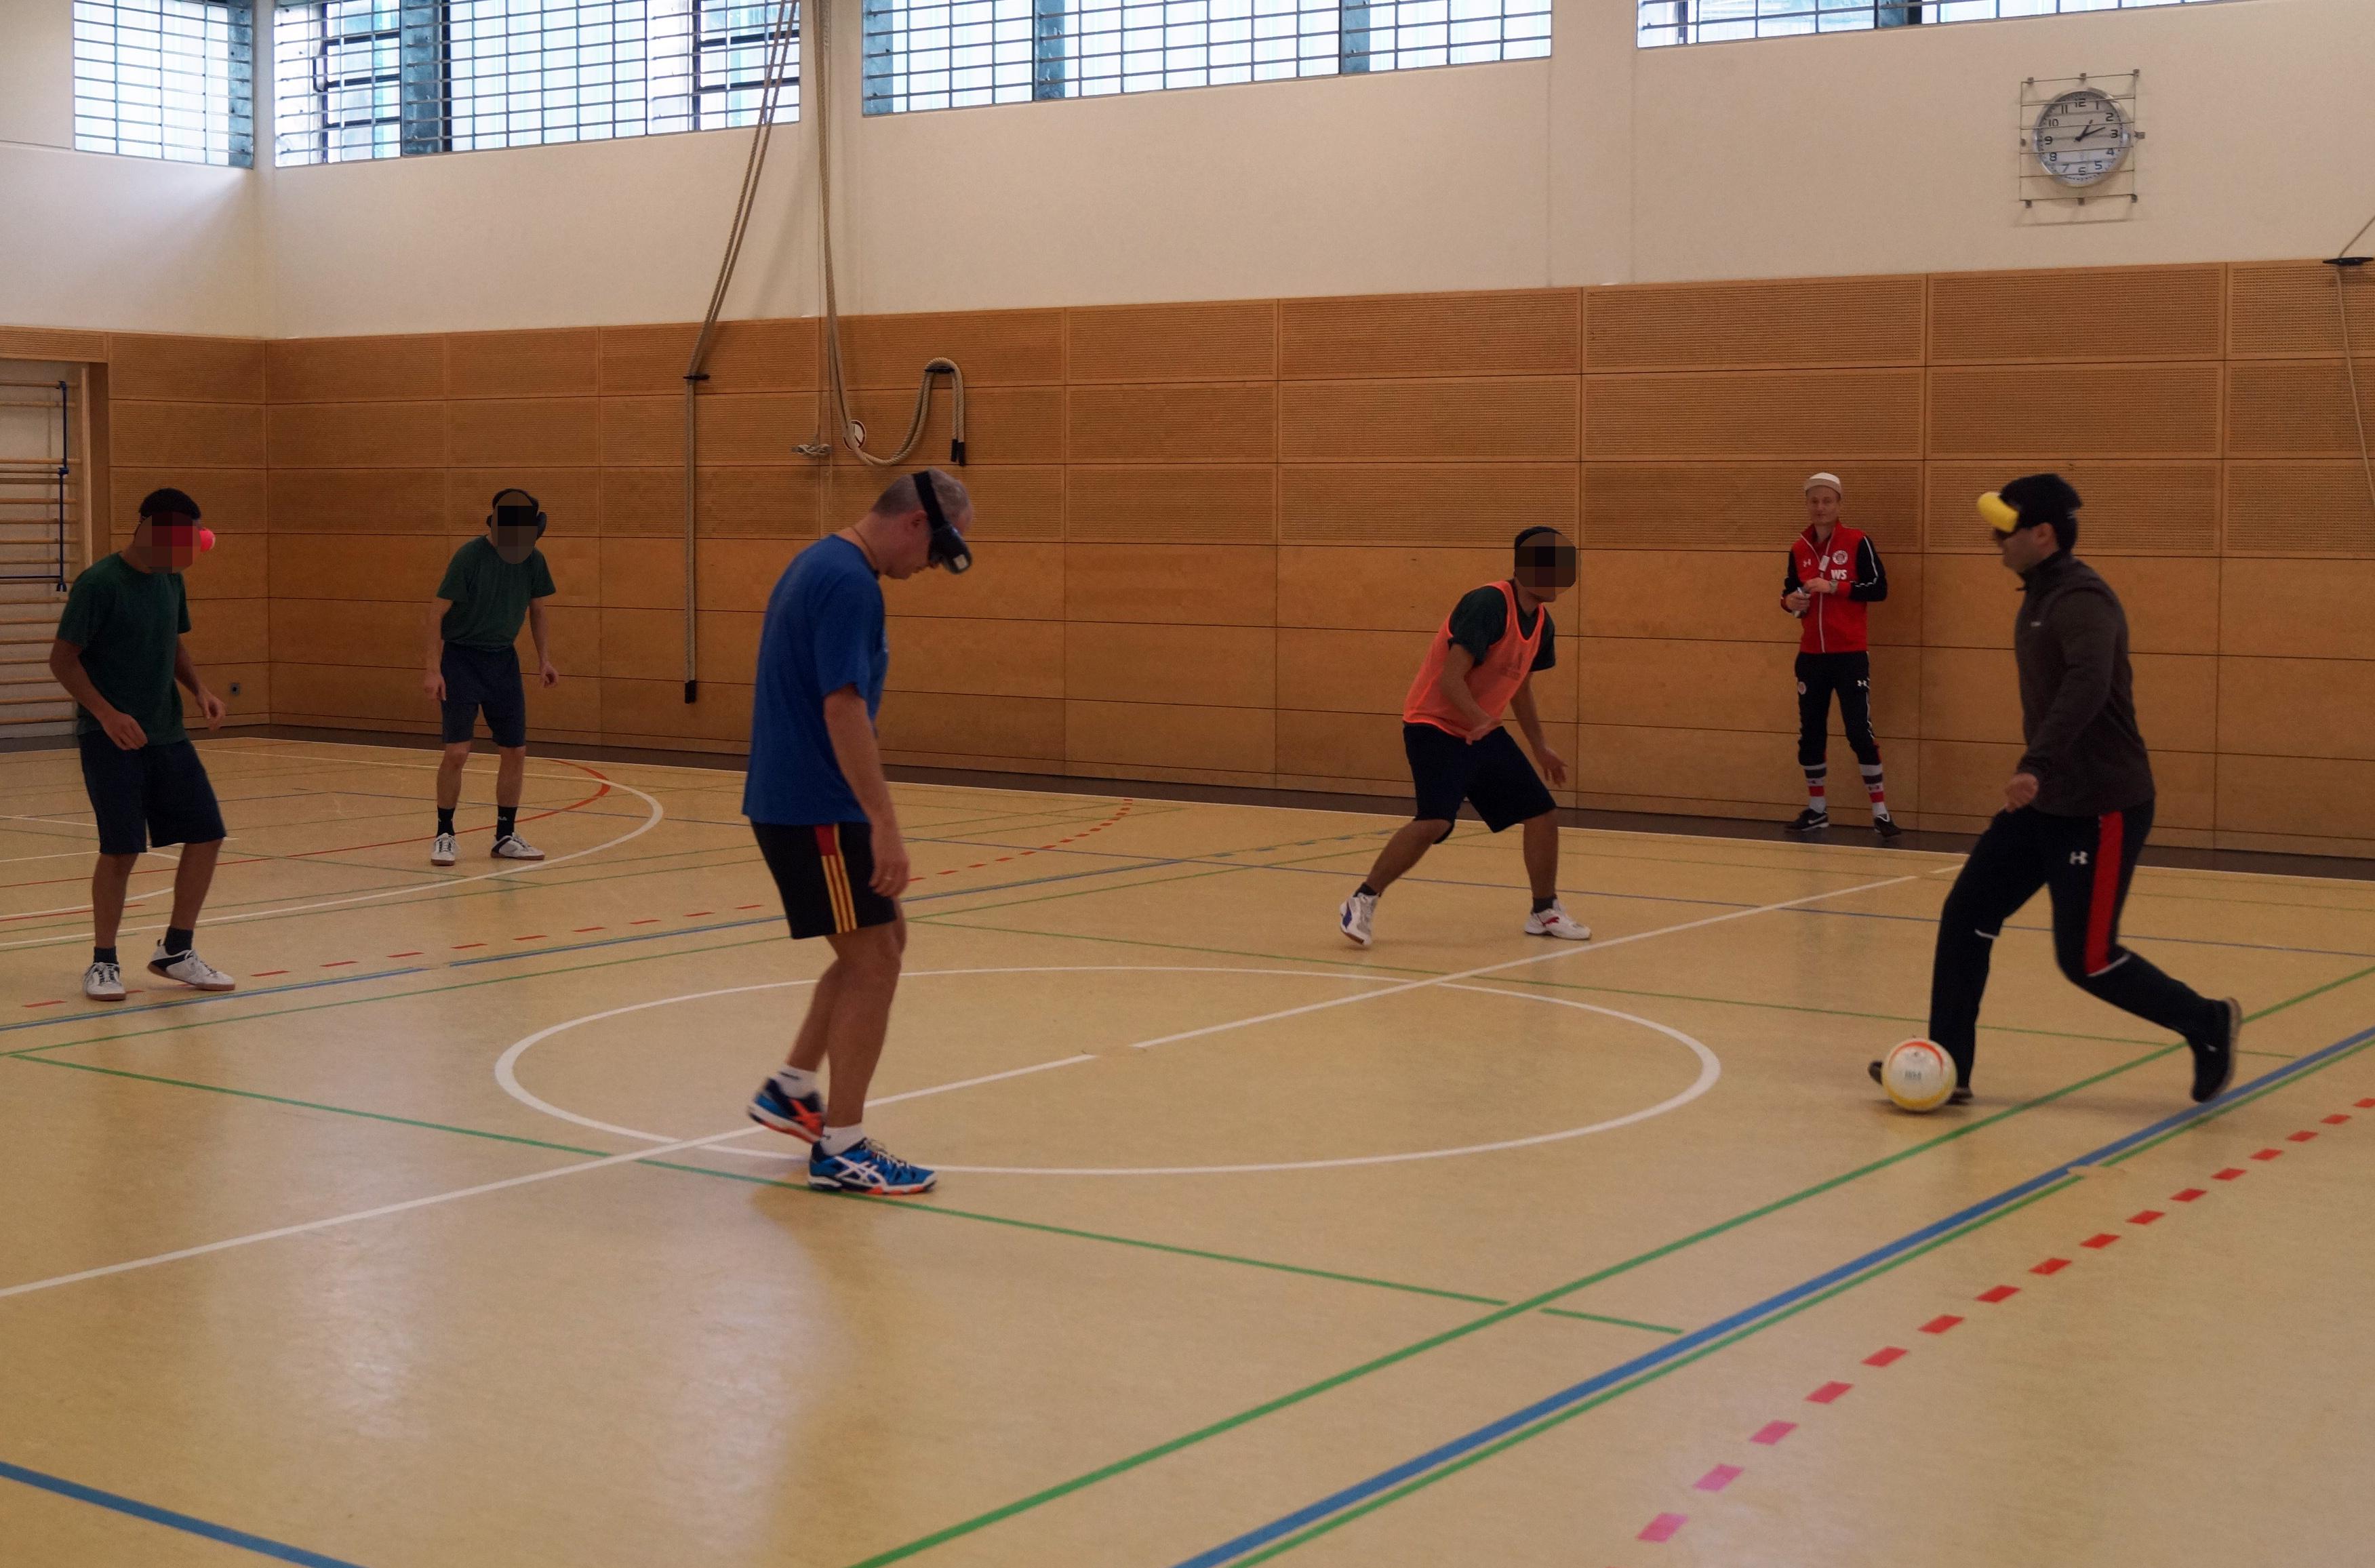 Blindenfußballtraining – eine eindrucksvolle Erfahrung für die Schleswiger Anstoß-Mannschaft